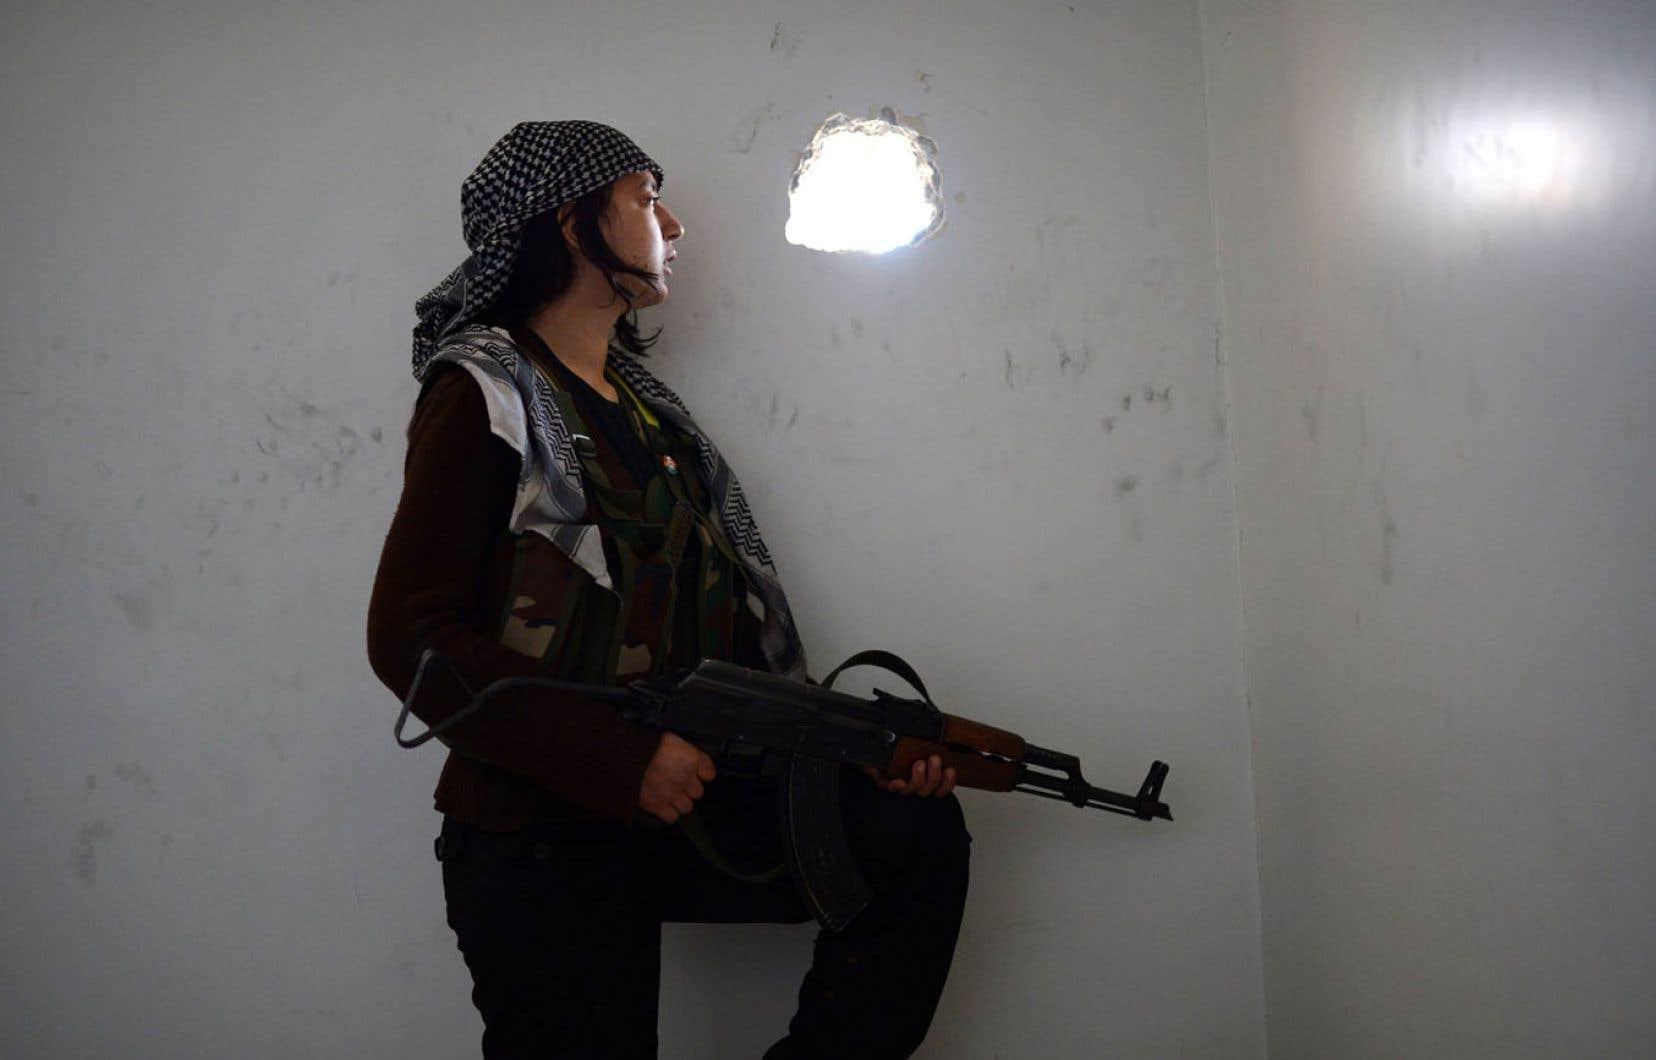 Au front syrien, la présence de combattantes kurdes détonne. « Les femmes font partie intégrante de notre révolution », affirme Engizek, qui dirige des dizaines de combattants dans le quartier de Cheikh Maqsoud aux mains des rebelles dans le nord d'Alep.